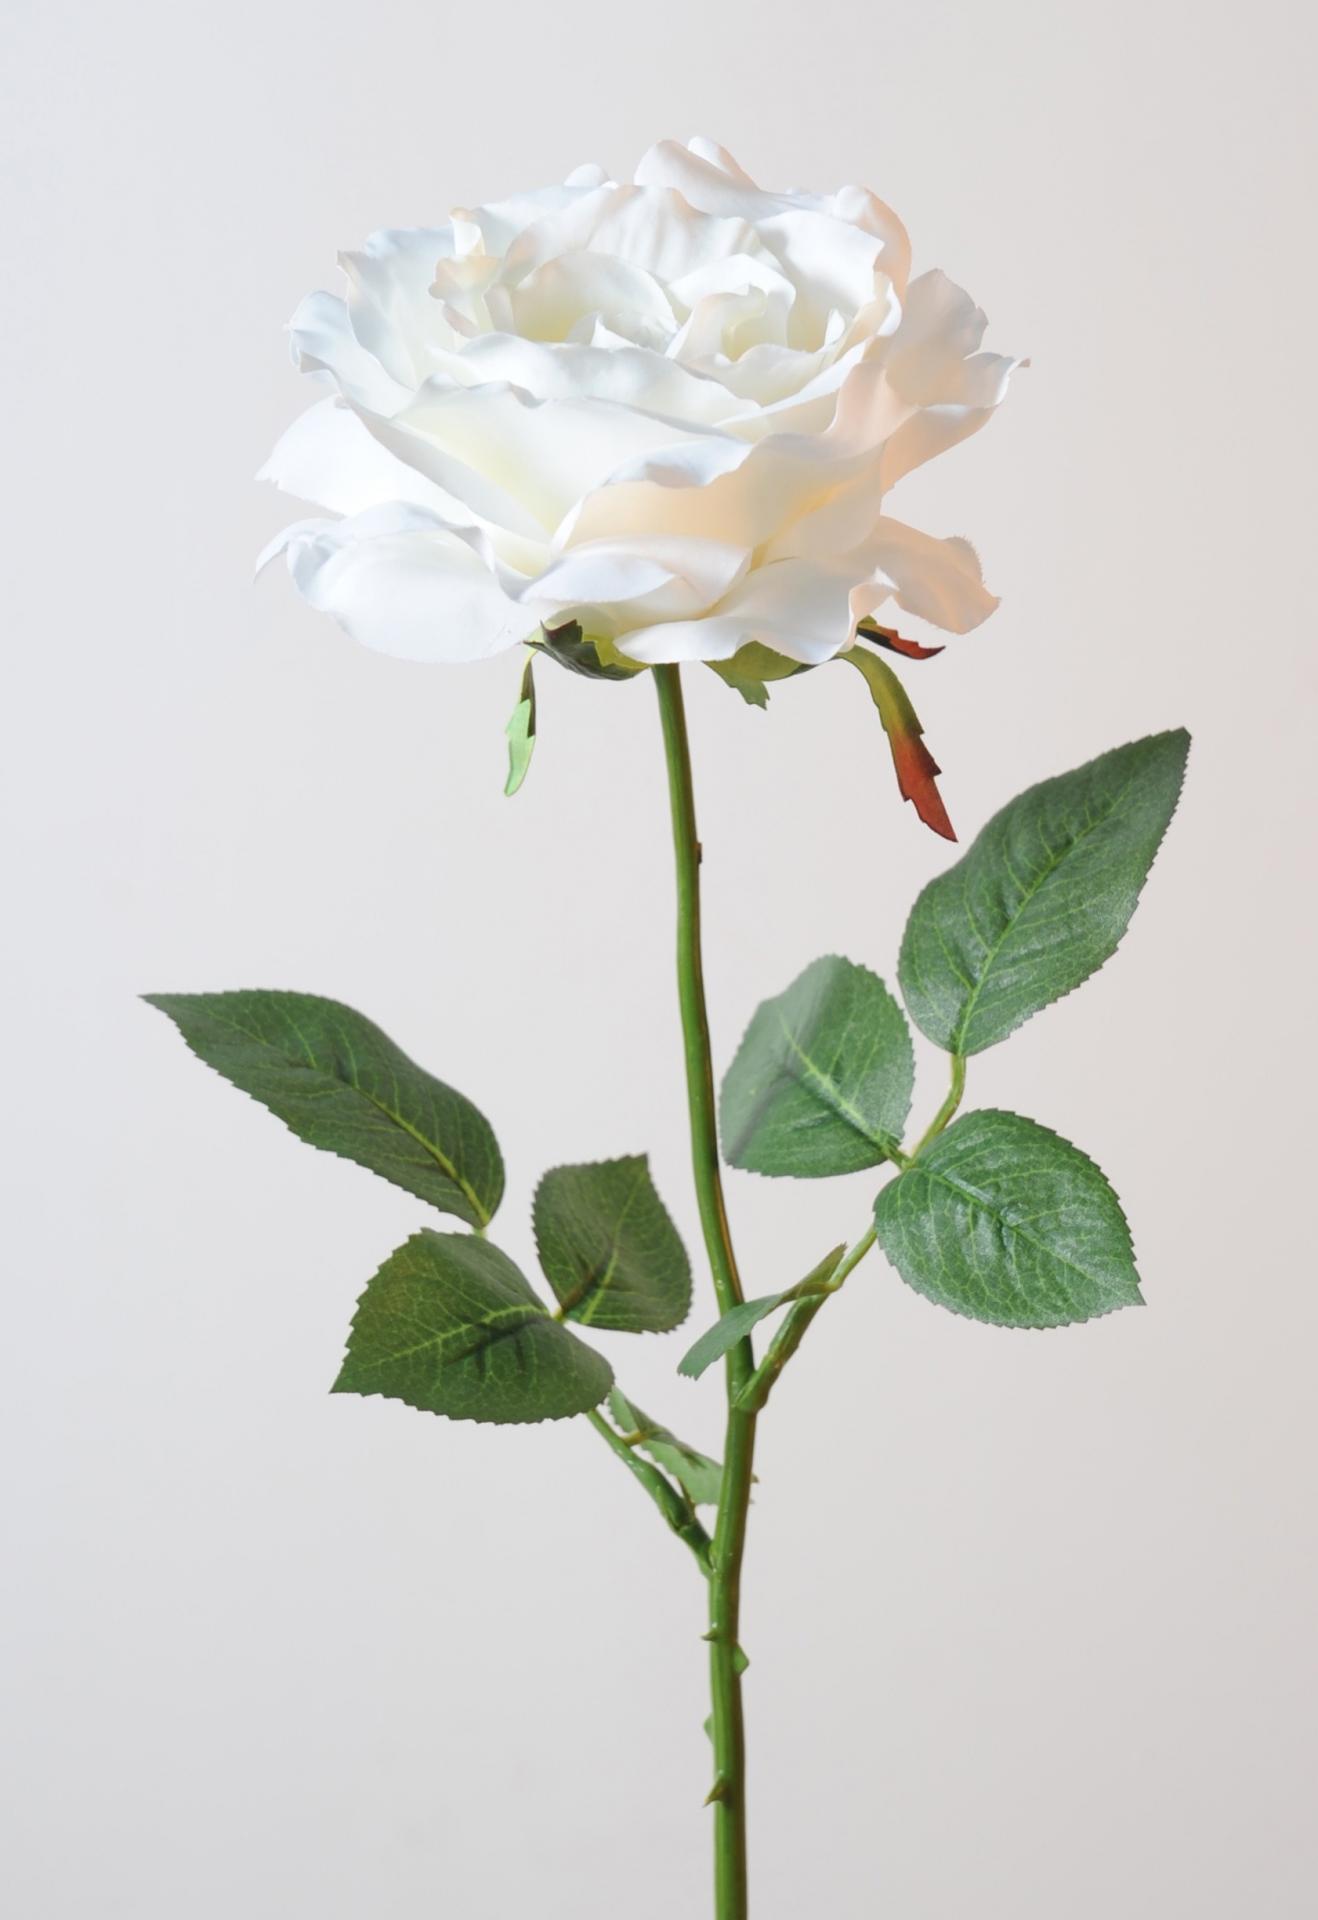 Rose georgia diam 14